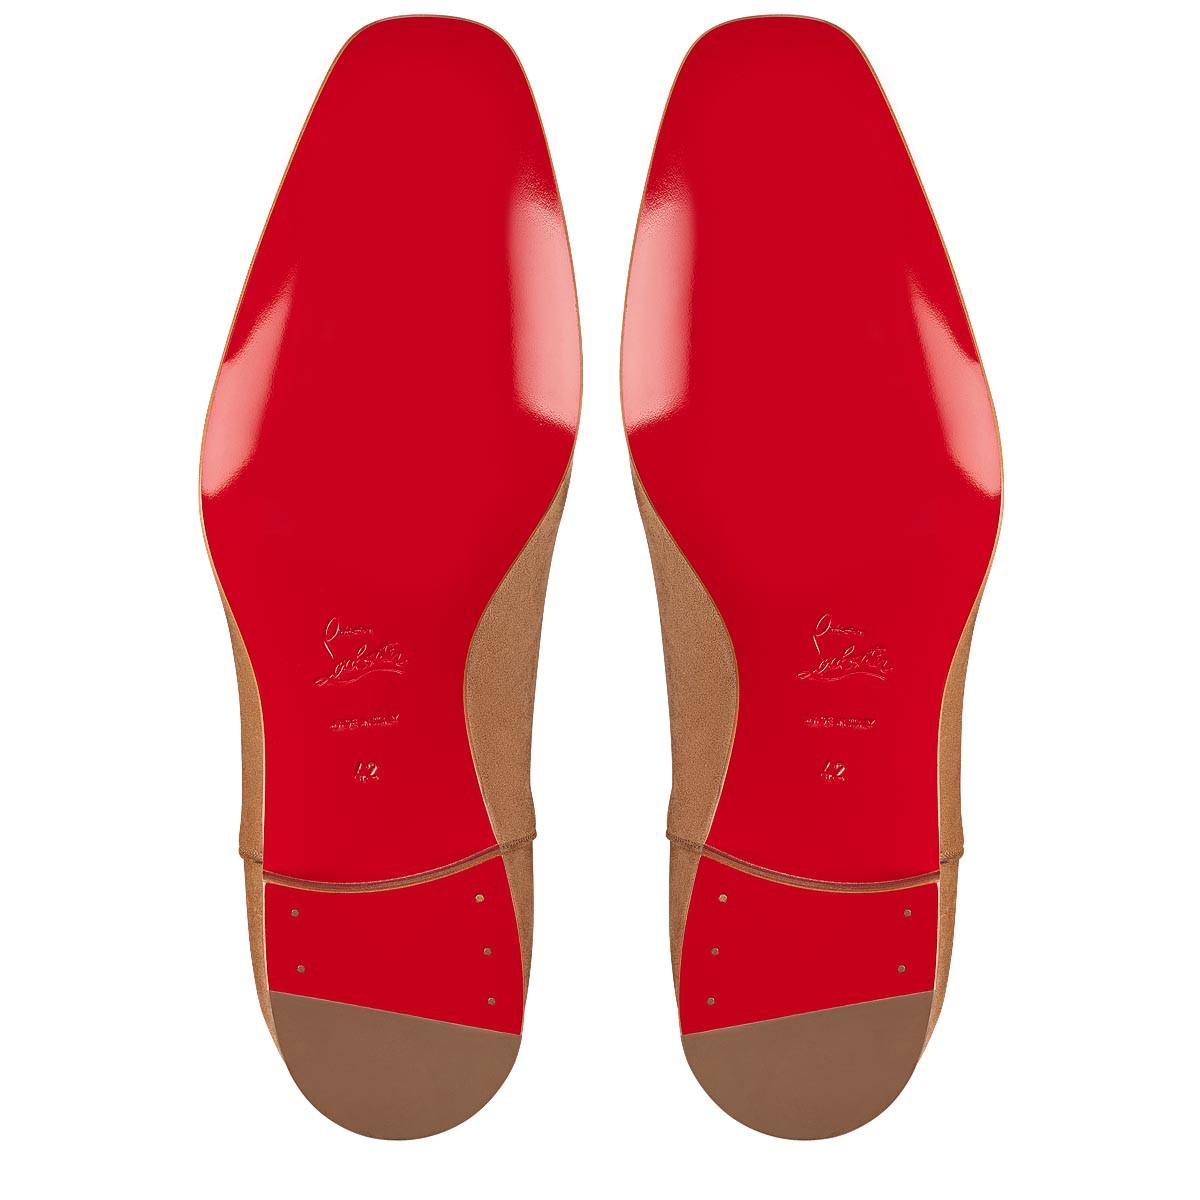 Shoes - Greggo Flat - Christian Louboutin